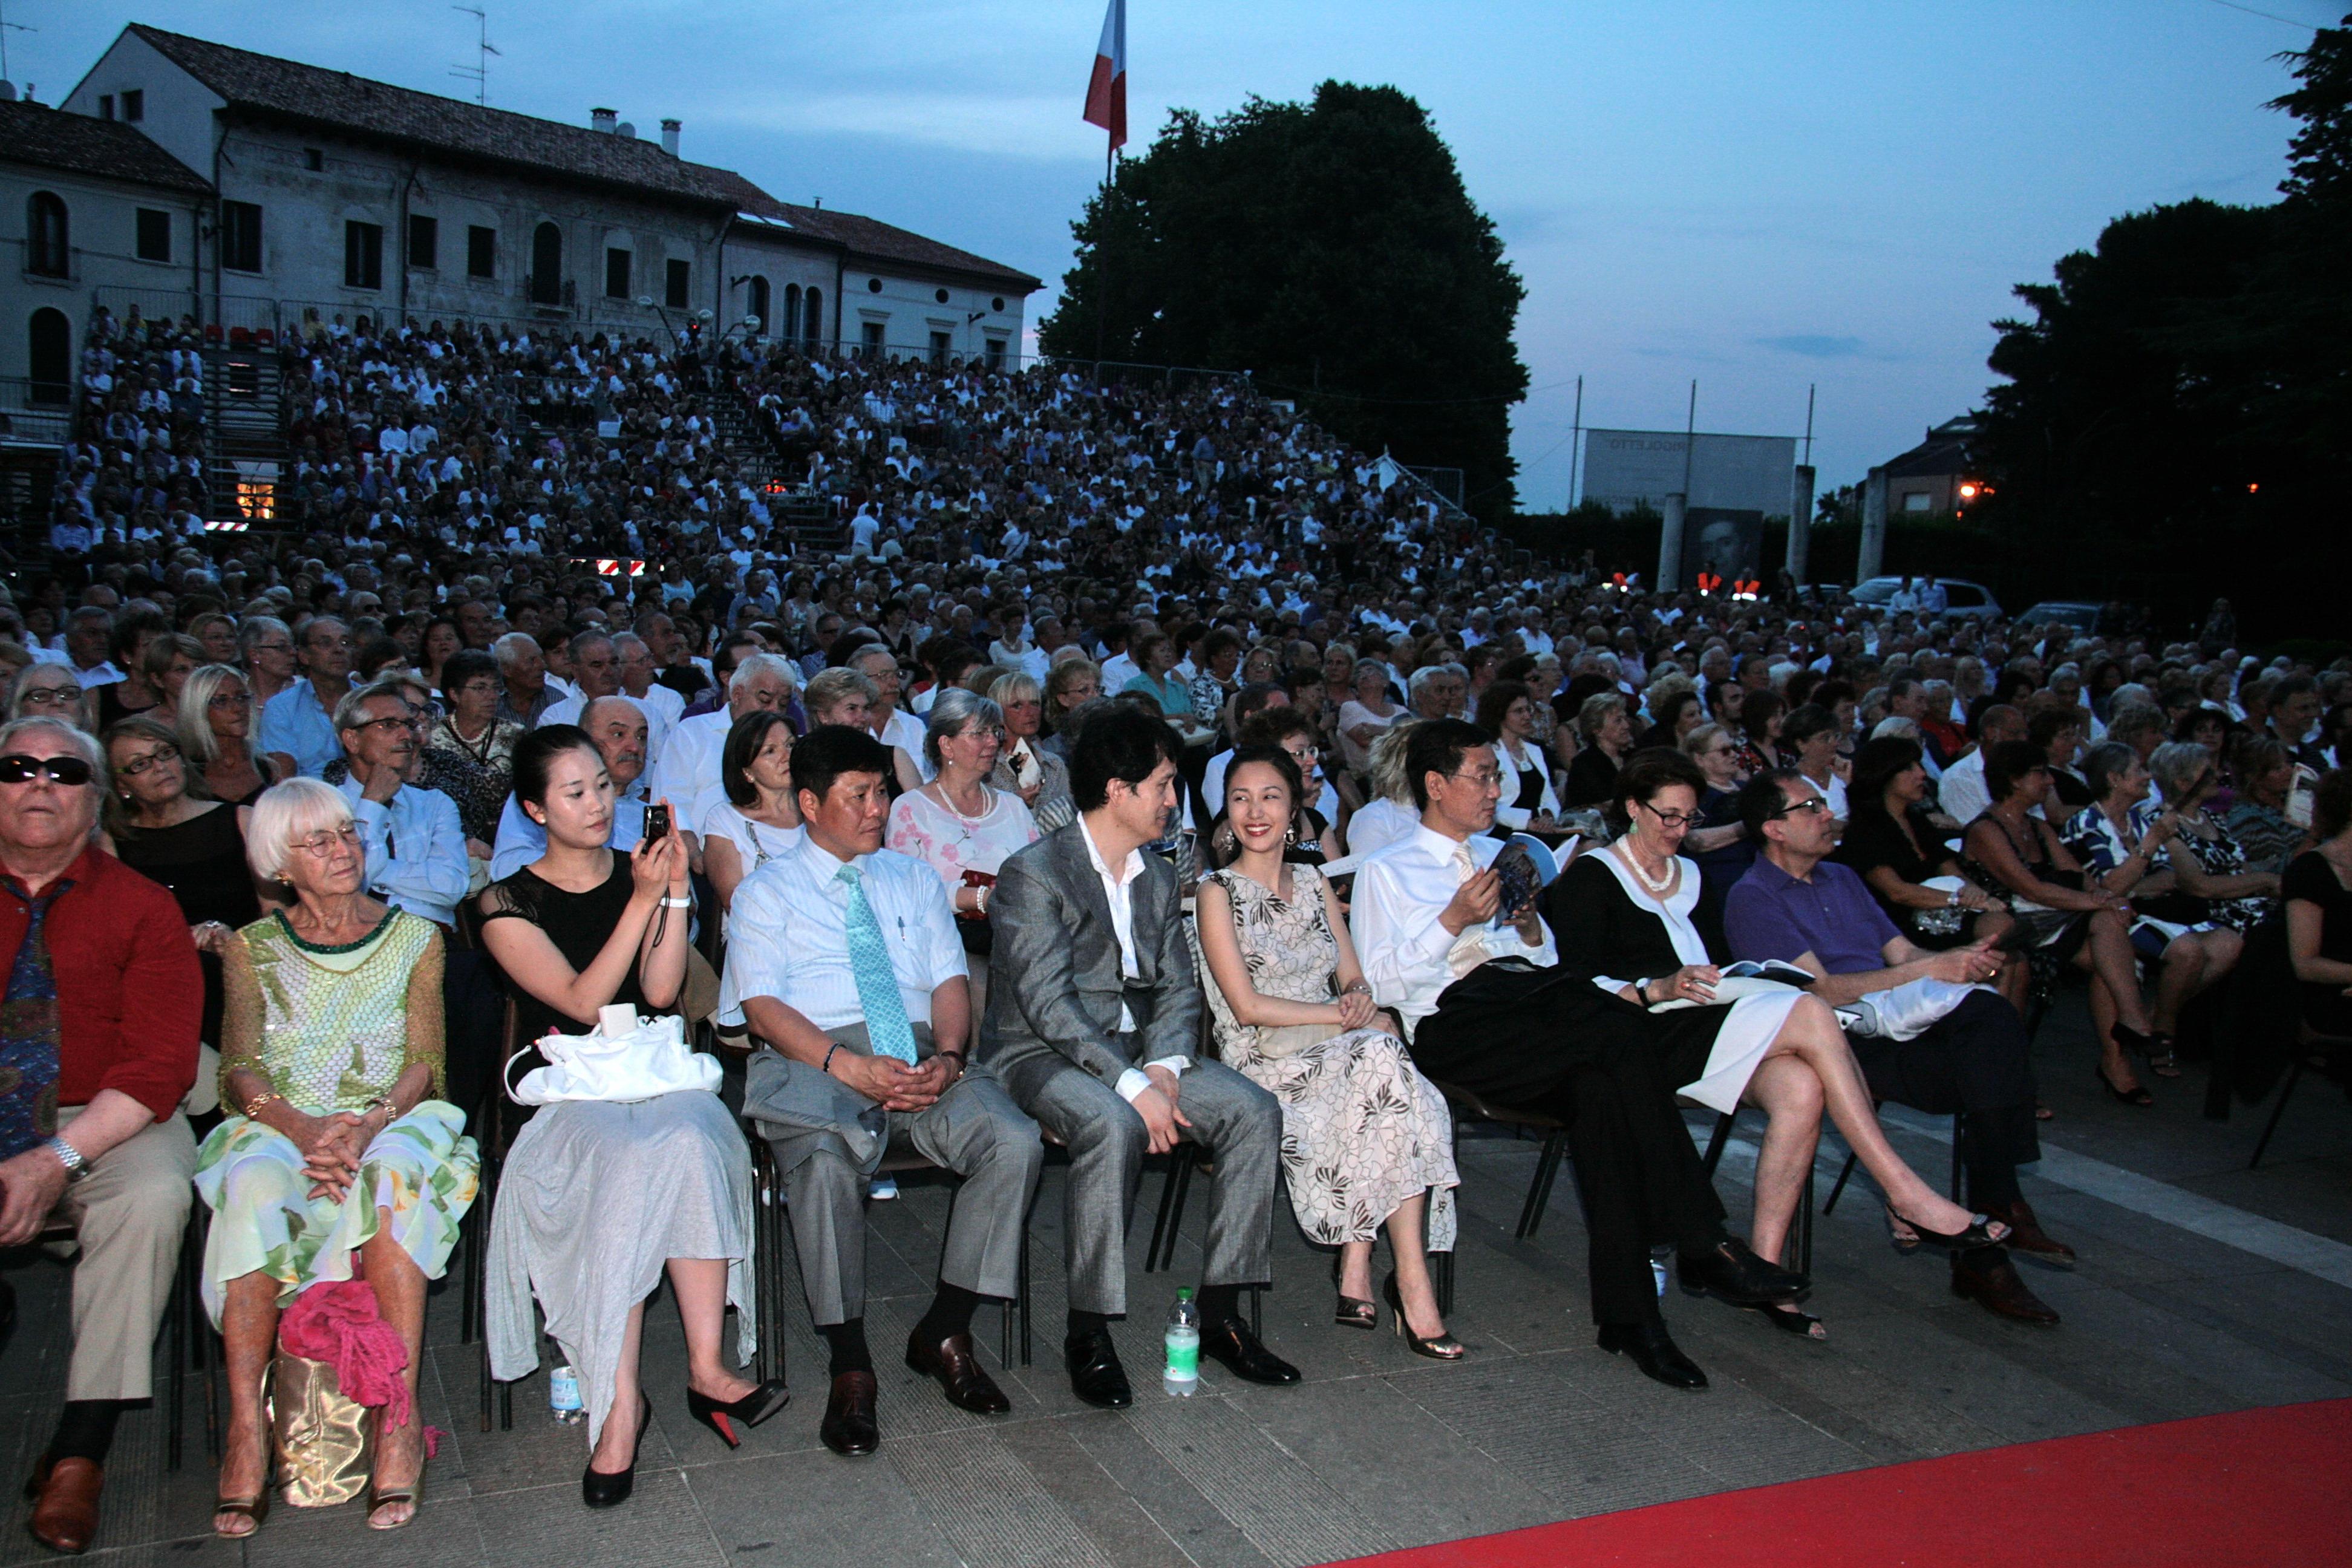 Ospiti coreani fra il pubblico di Opera in Piazza - luglio 2010